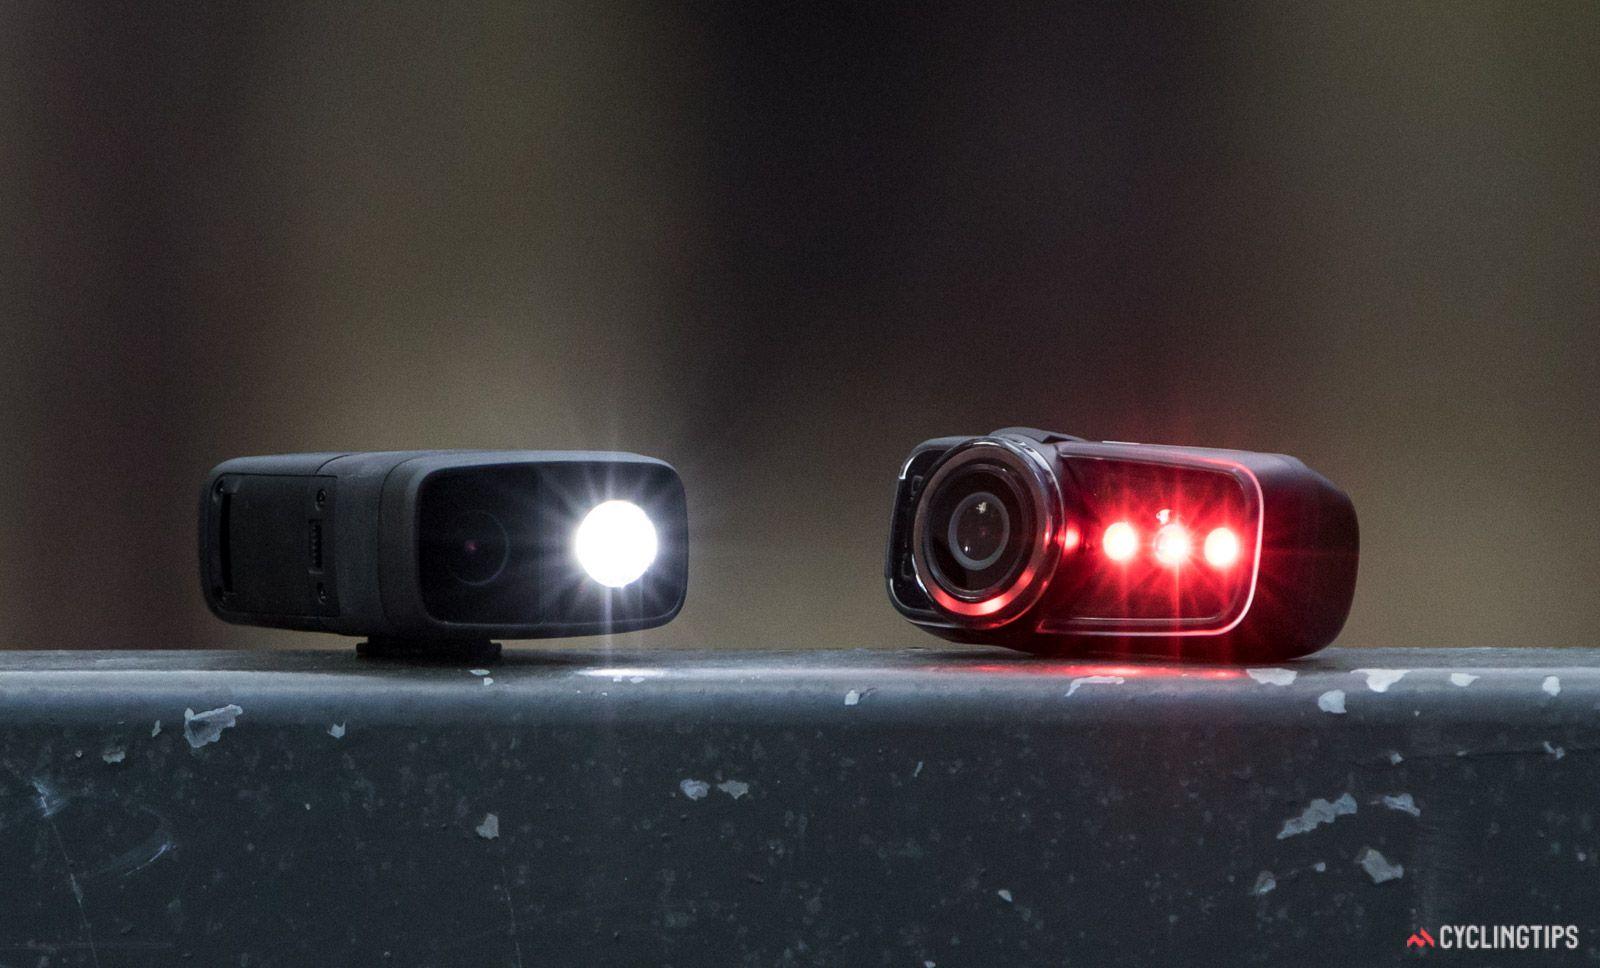 Cycliq Fly12 Ce Fly6 Ce Bike Cameras Review Lights Camera